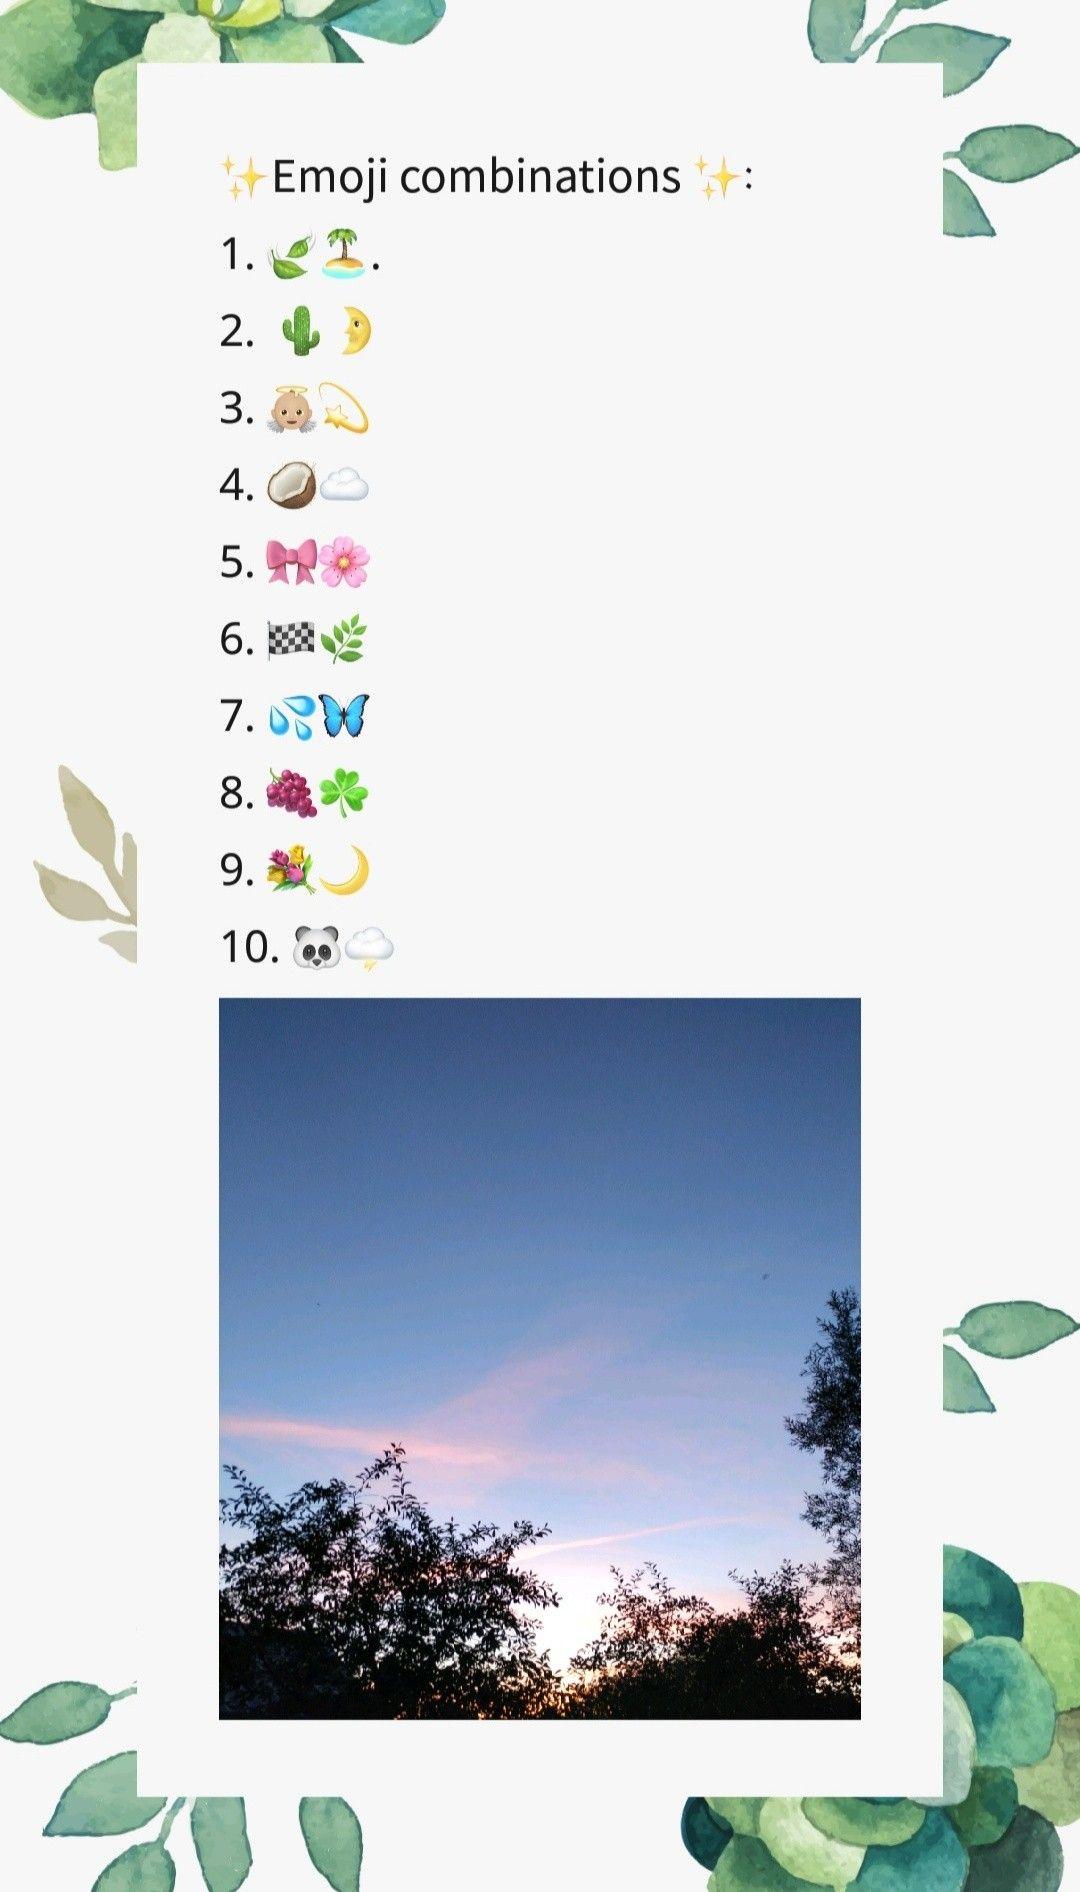 Emoji Combinations A E S T H E T I C Emoji Combinations Instagram Emoji Cute Emoji Combinations